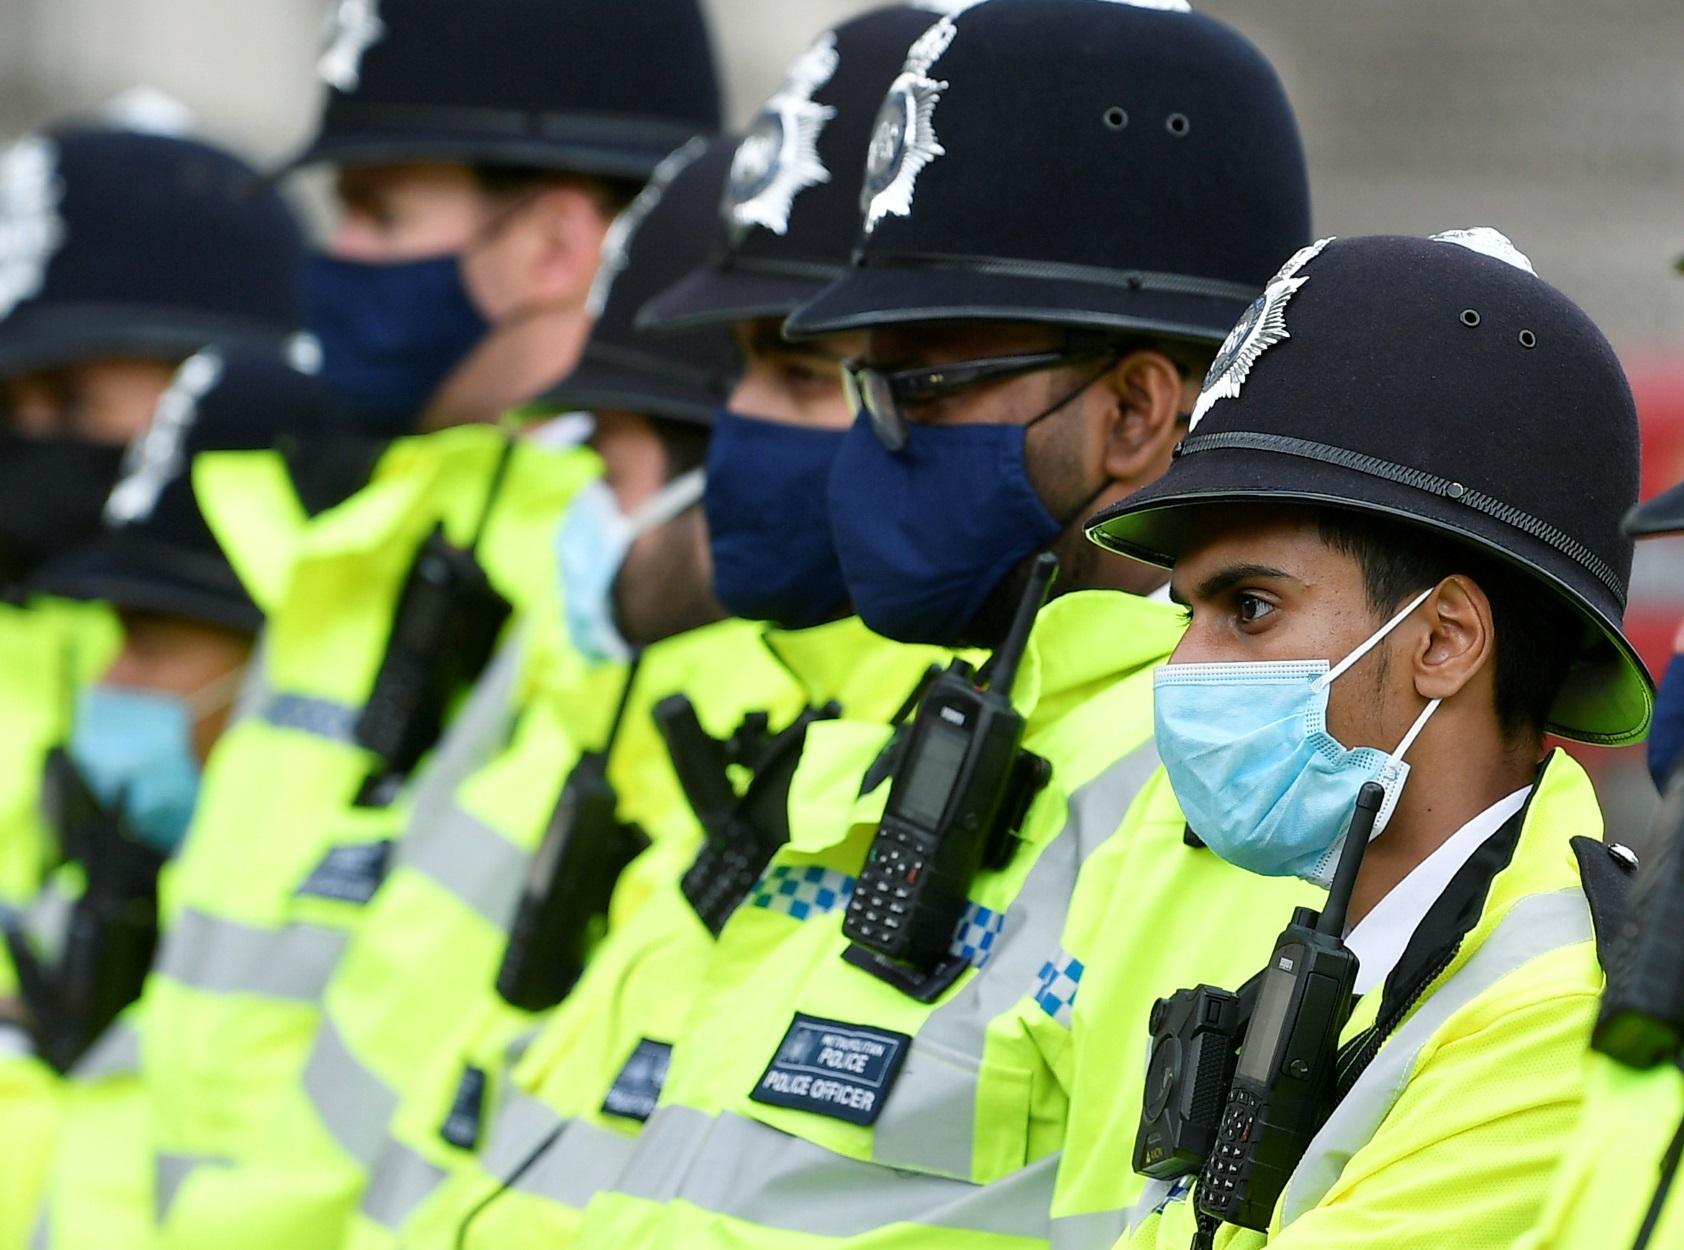 Βρετανία: Ούτε ένας, ούτε δύο, αλλά 31 αστυνομικοί έσπασαν το lockdown για να κουρευτούν